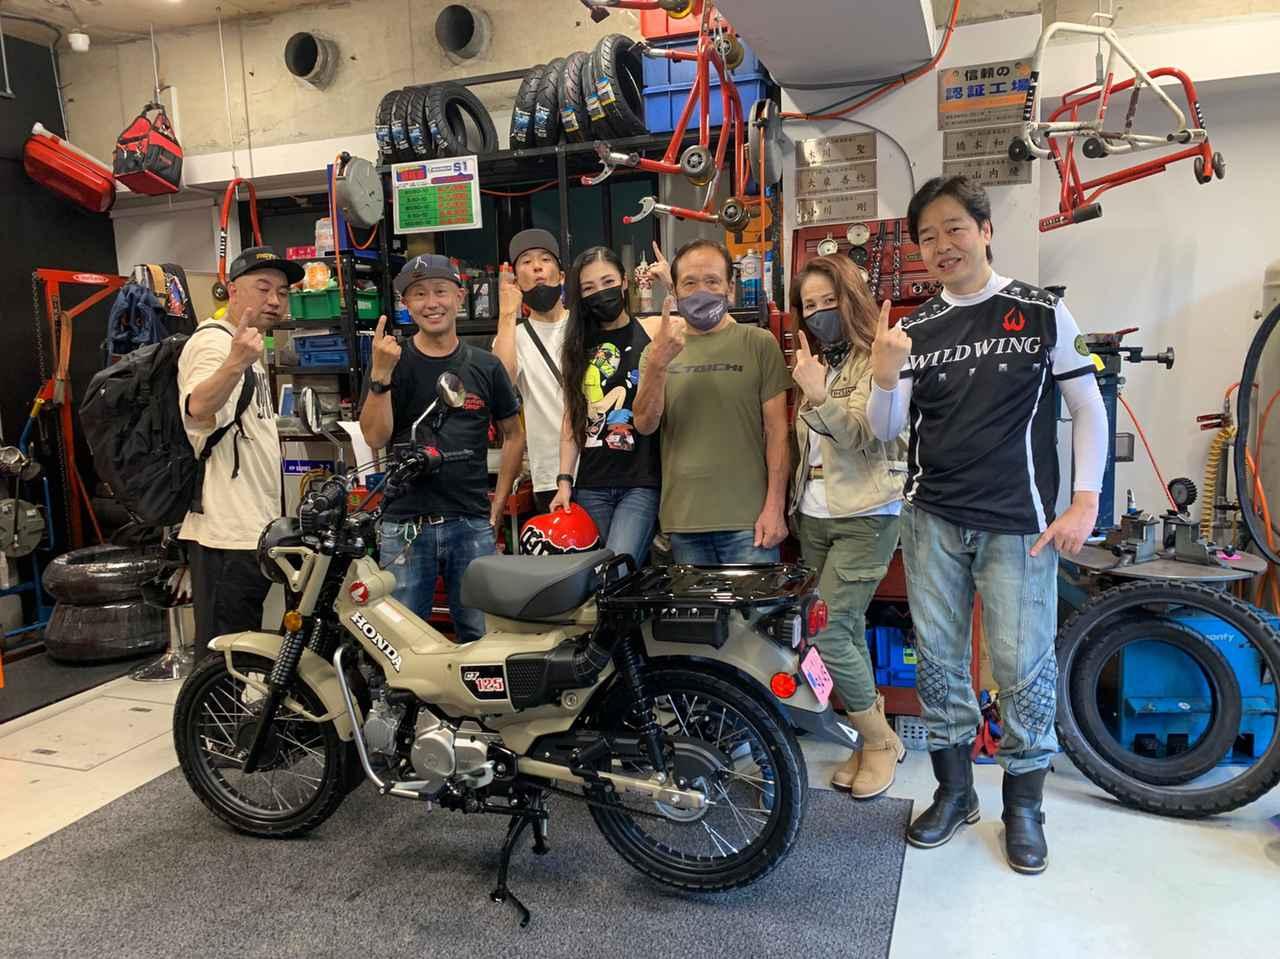 Images : 17番目の画像 - 「ハンターカブだよ! あたしも、カブ主になりました。(福山理子)」のアルバム - webオートバイ